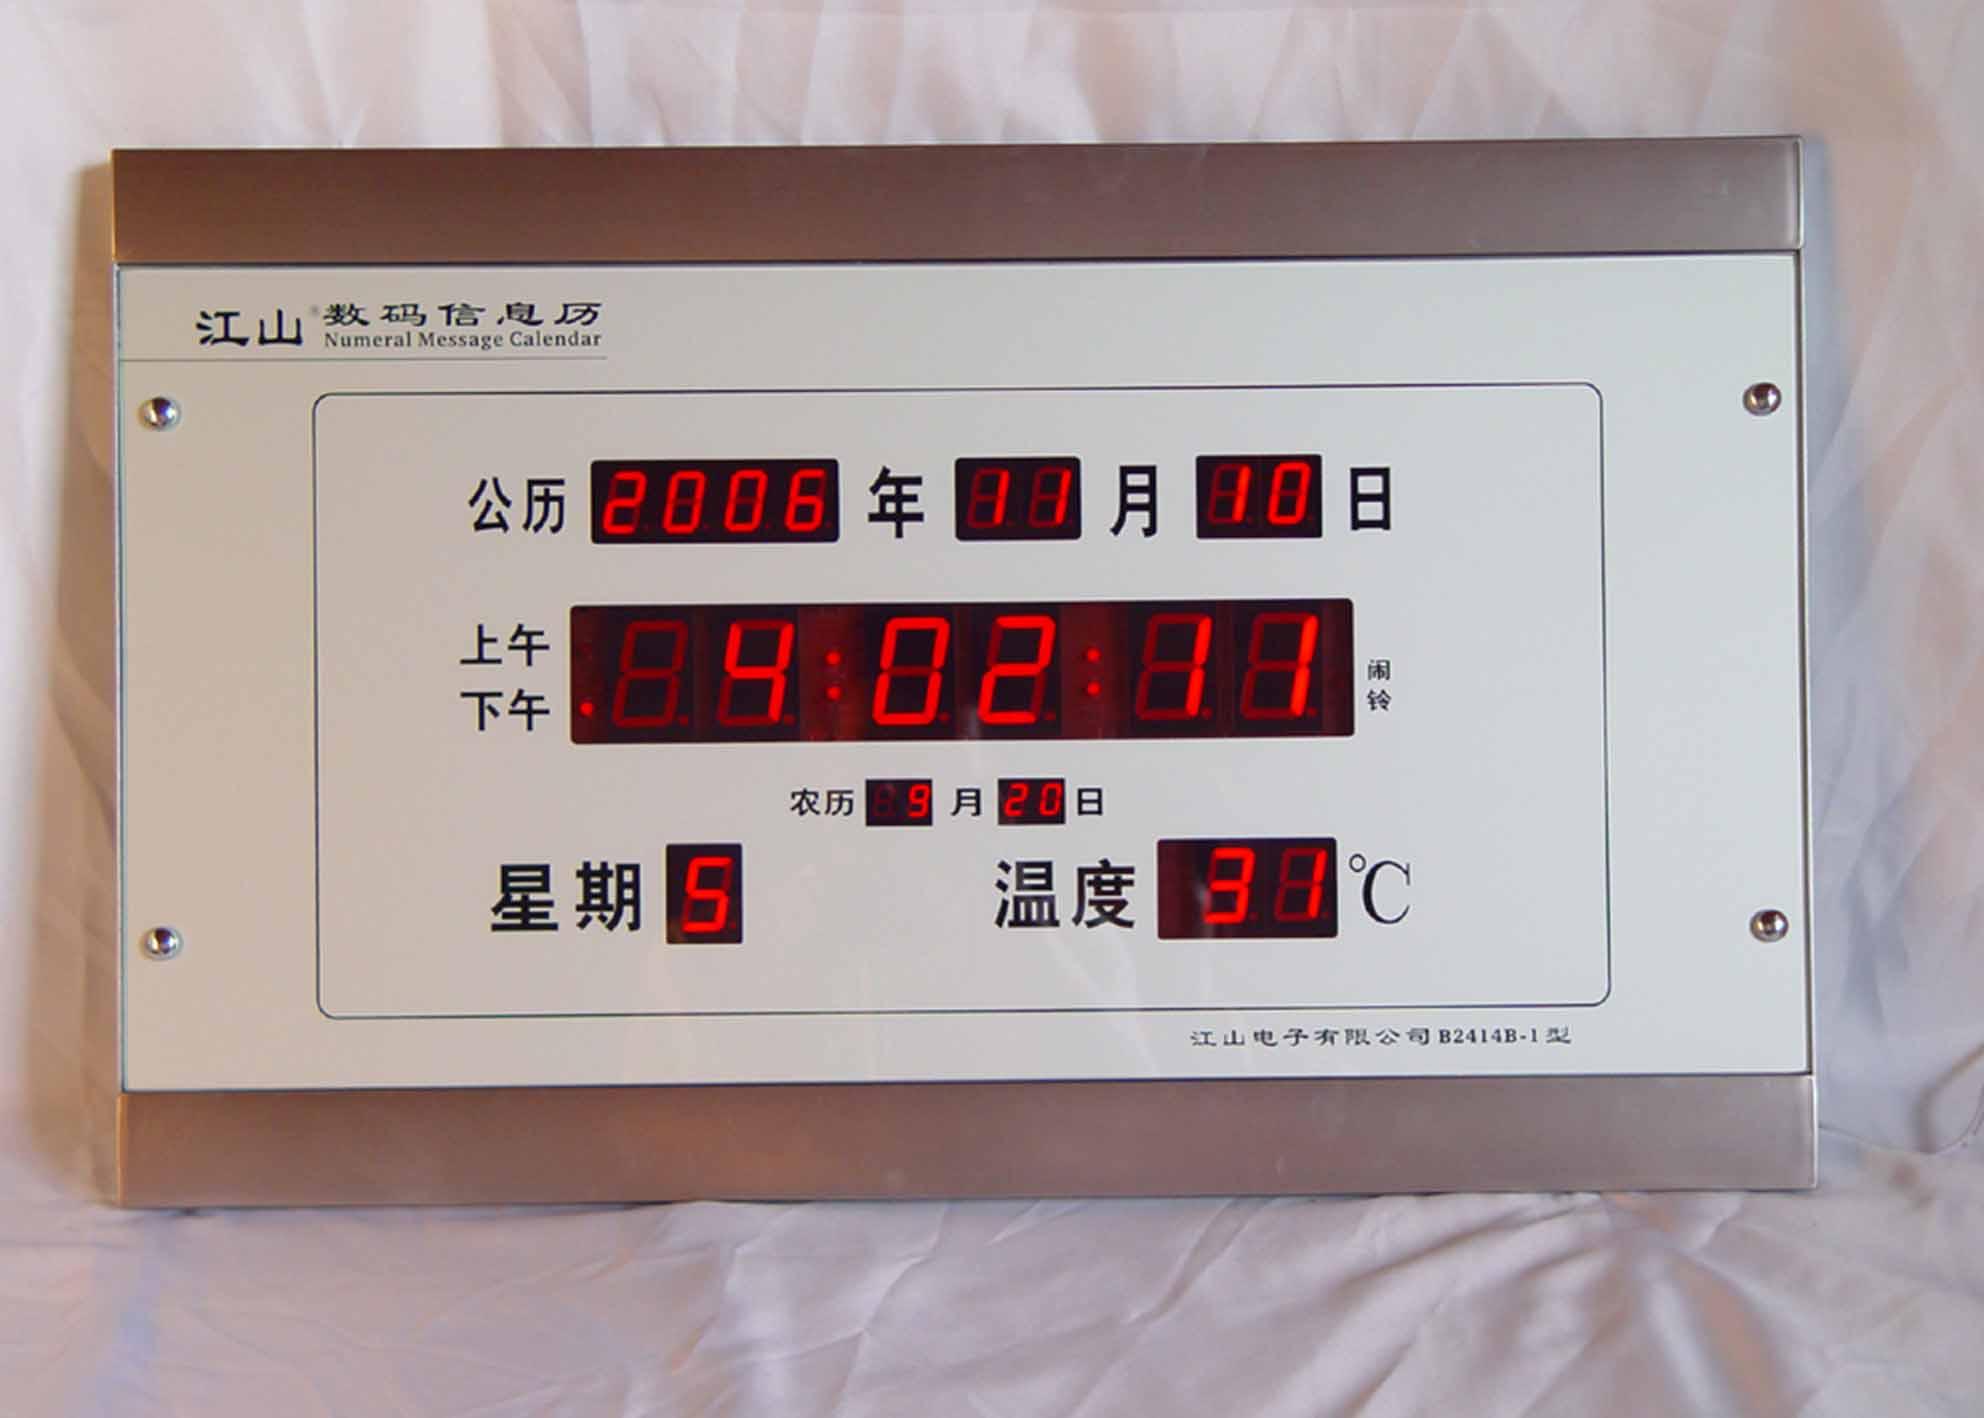 b2414b万年历,电子万年历,数码万年历,电脑万年历,信息历,电子挂历